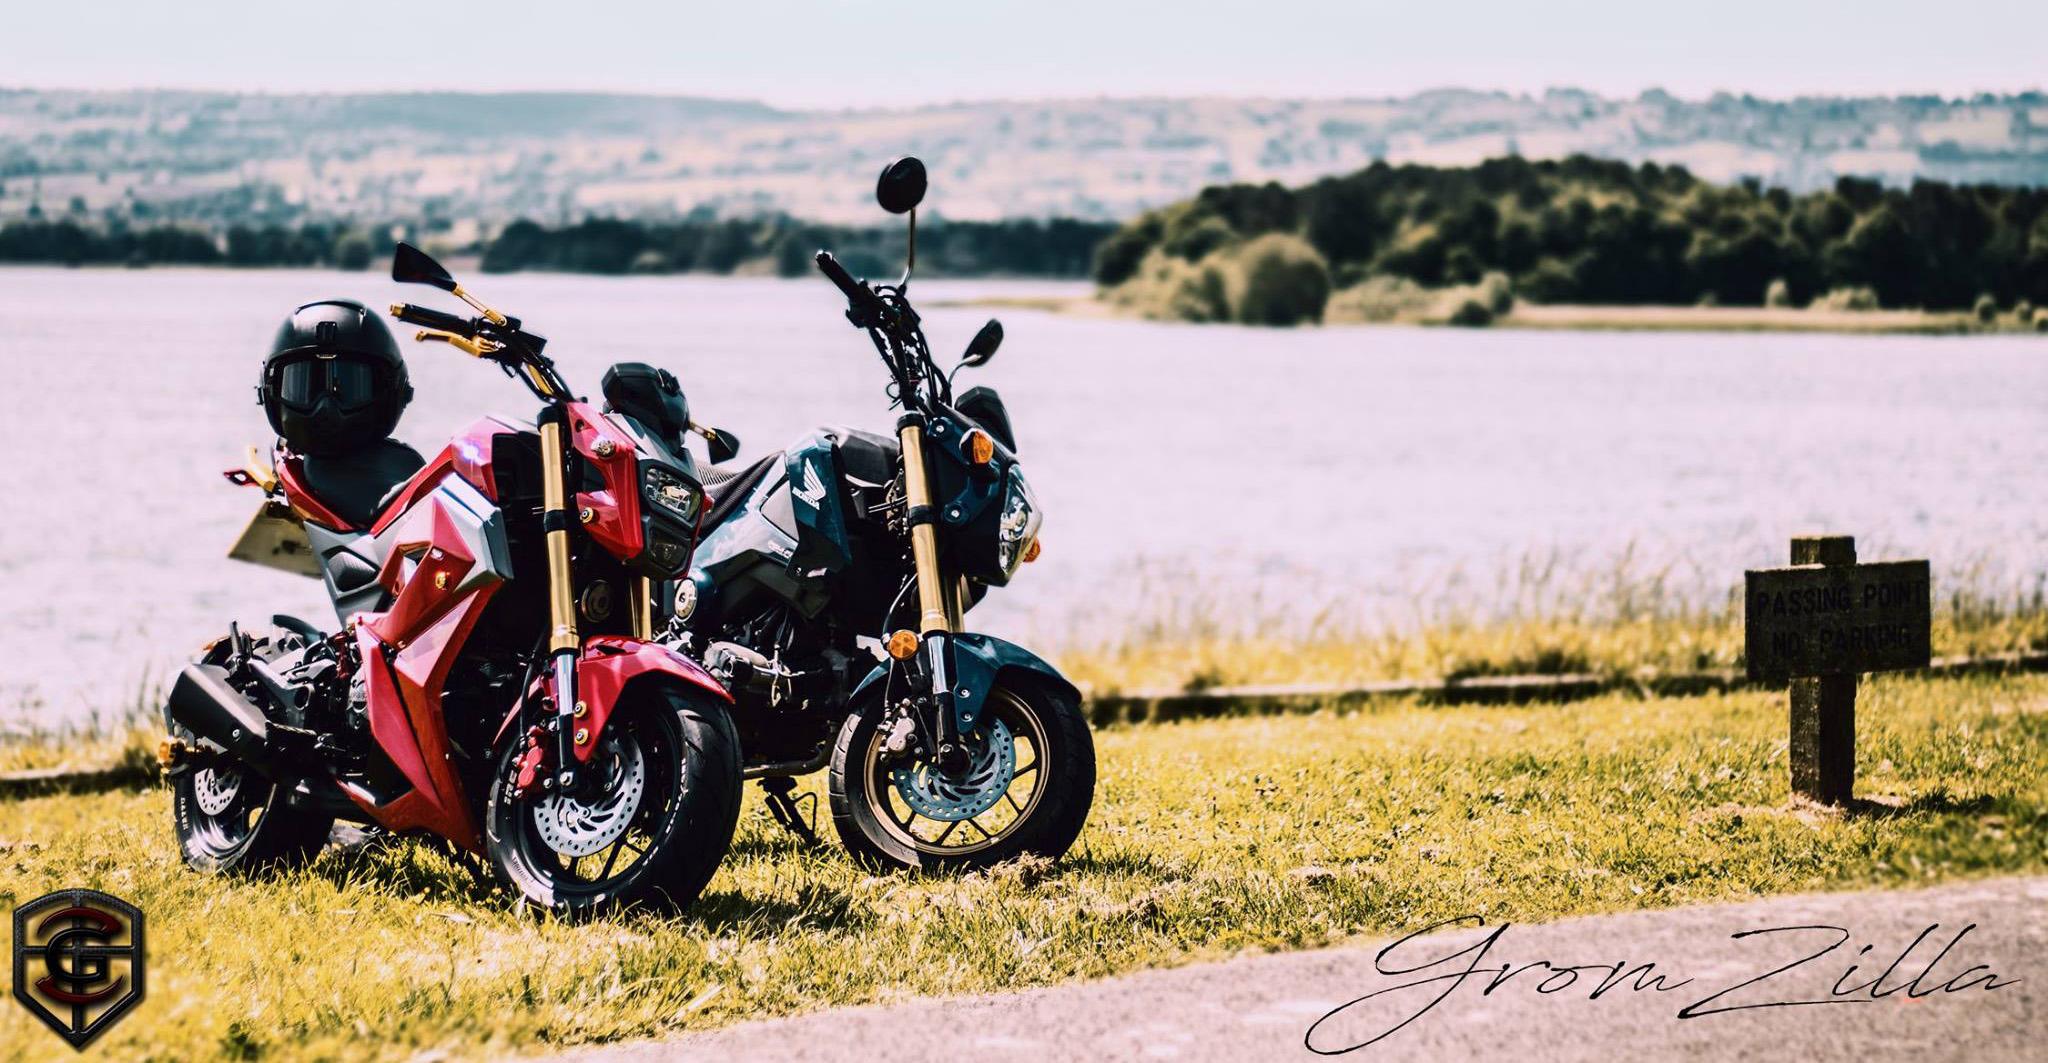 Des tutos customisation pour votre Honda MSX 125 SF ! - mini4temps.fr